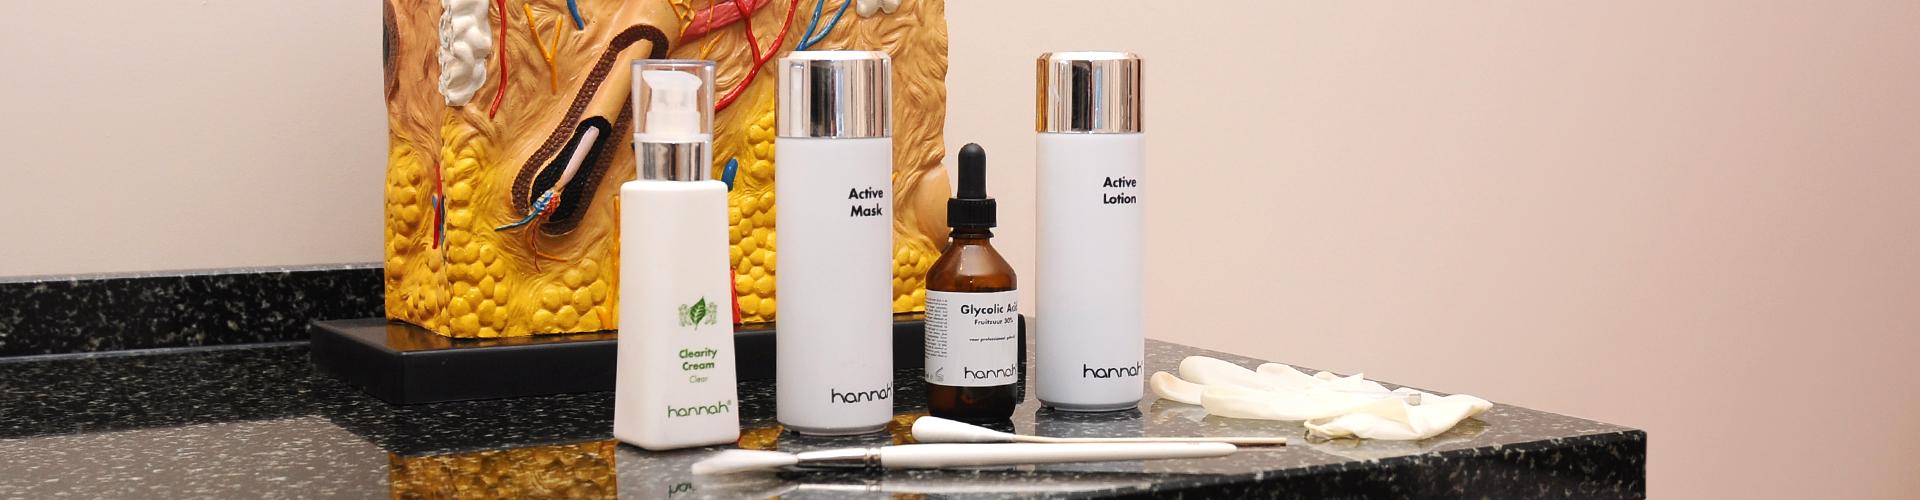 hd-acne-1